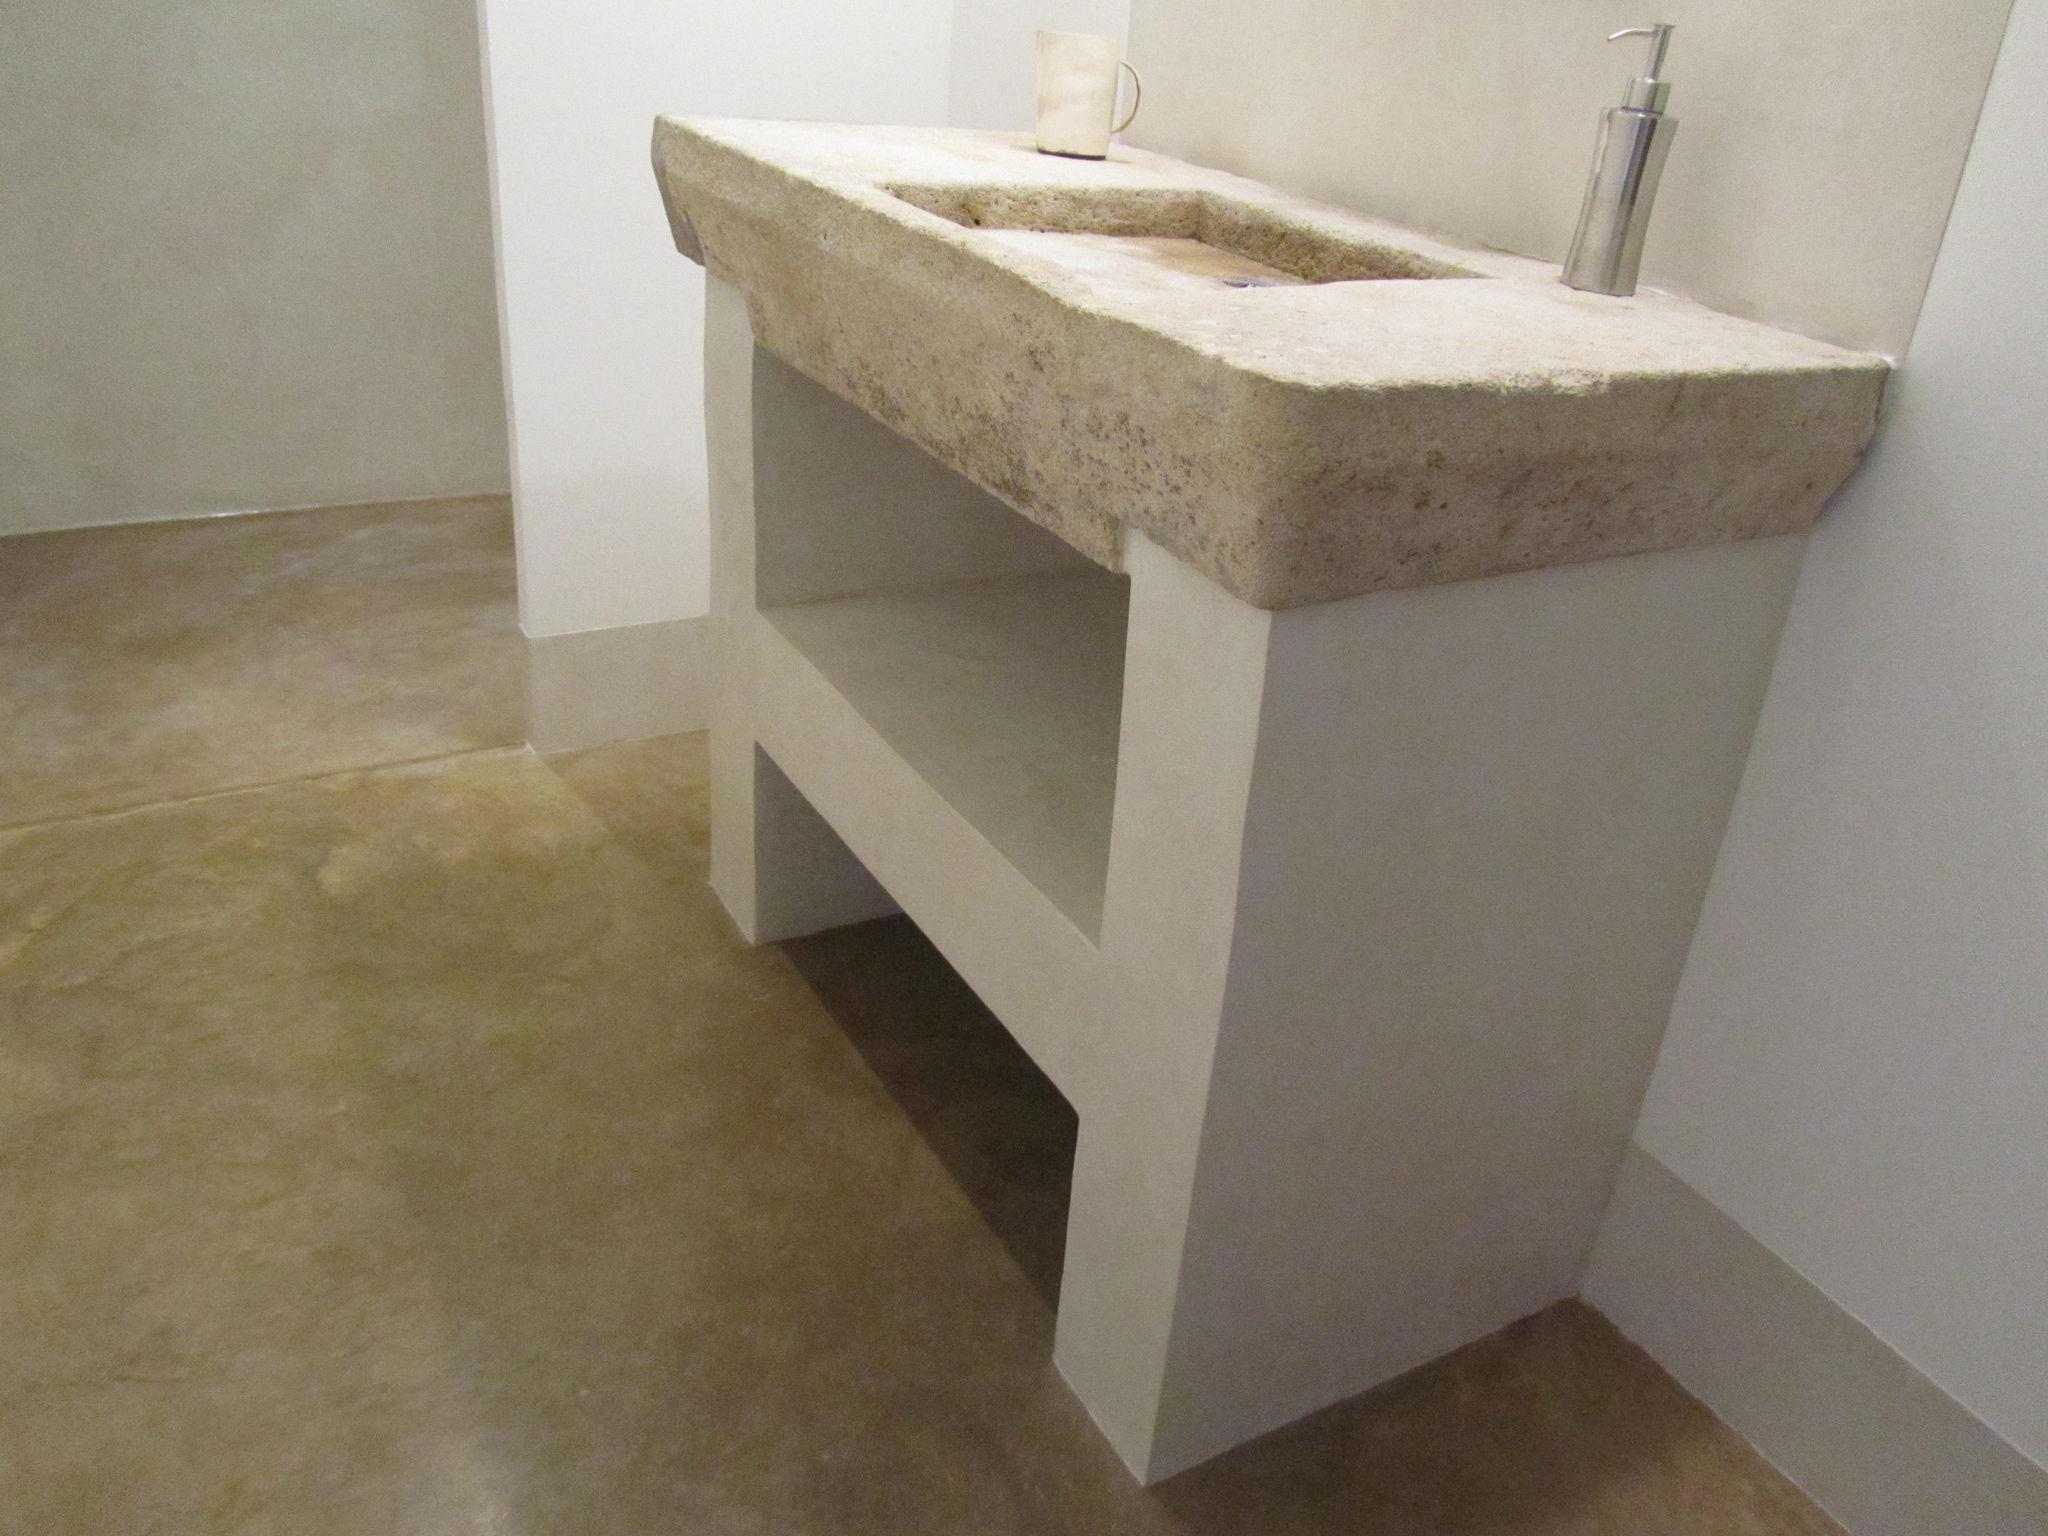 Beton Ciré Salle De Bain salle d'eau - jambages et mur en beton - photo de beton cire